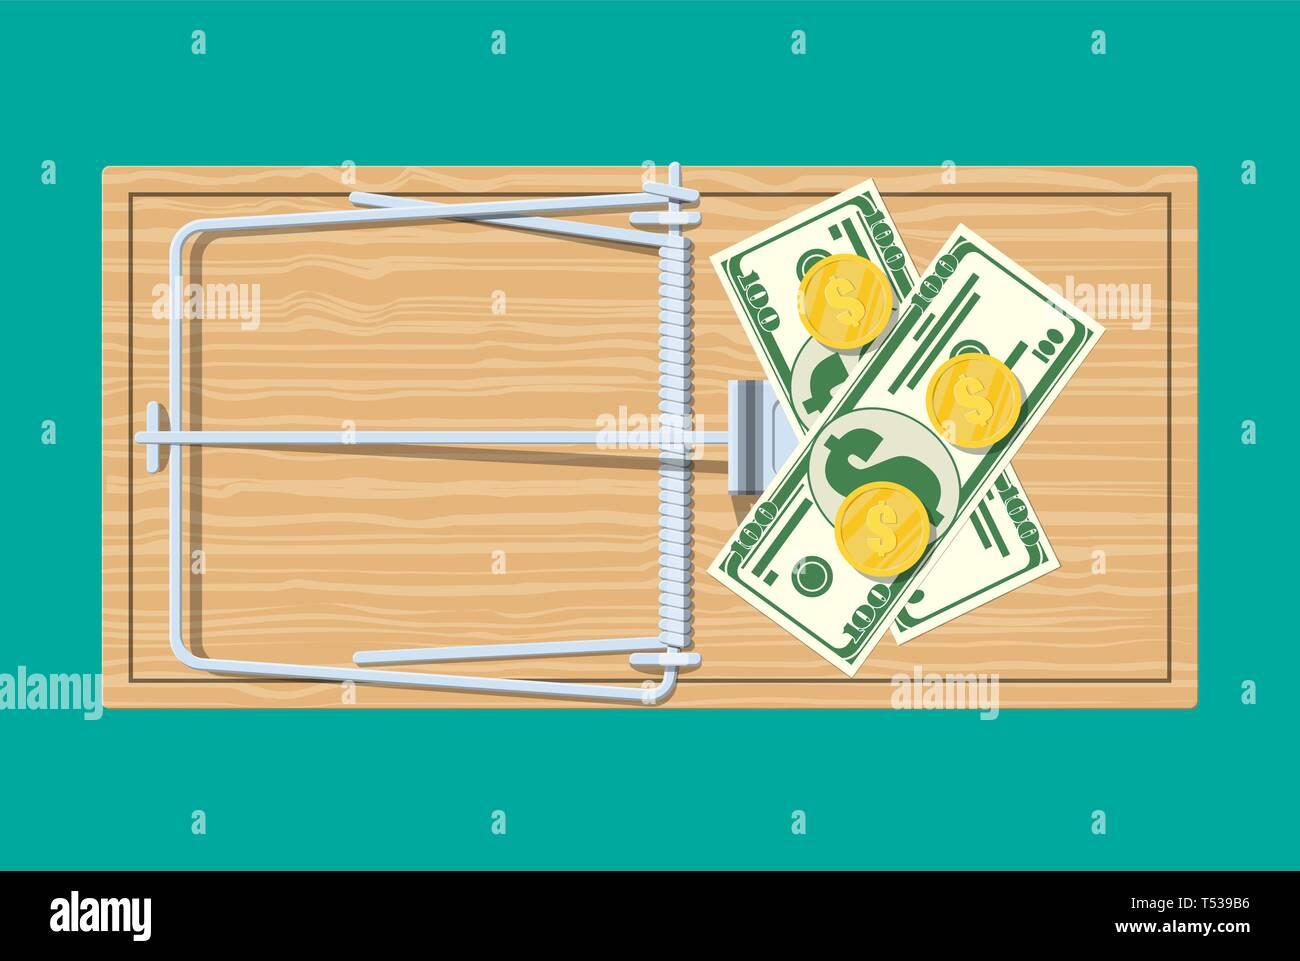 Trampa de ratón de madera con billetes de dólar y monedas de oro, la clásica barra de resorte trampa. Vista desde arriba. Fraude, freebie, el crimen y la mentira. Vector illustrati Ilustración del Vector